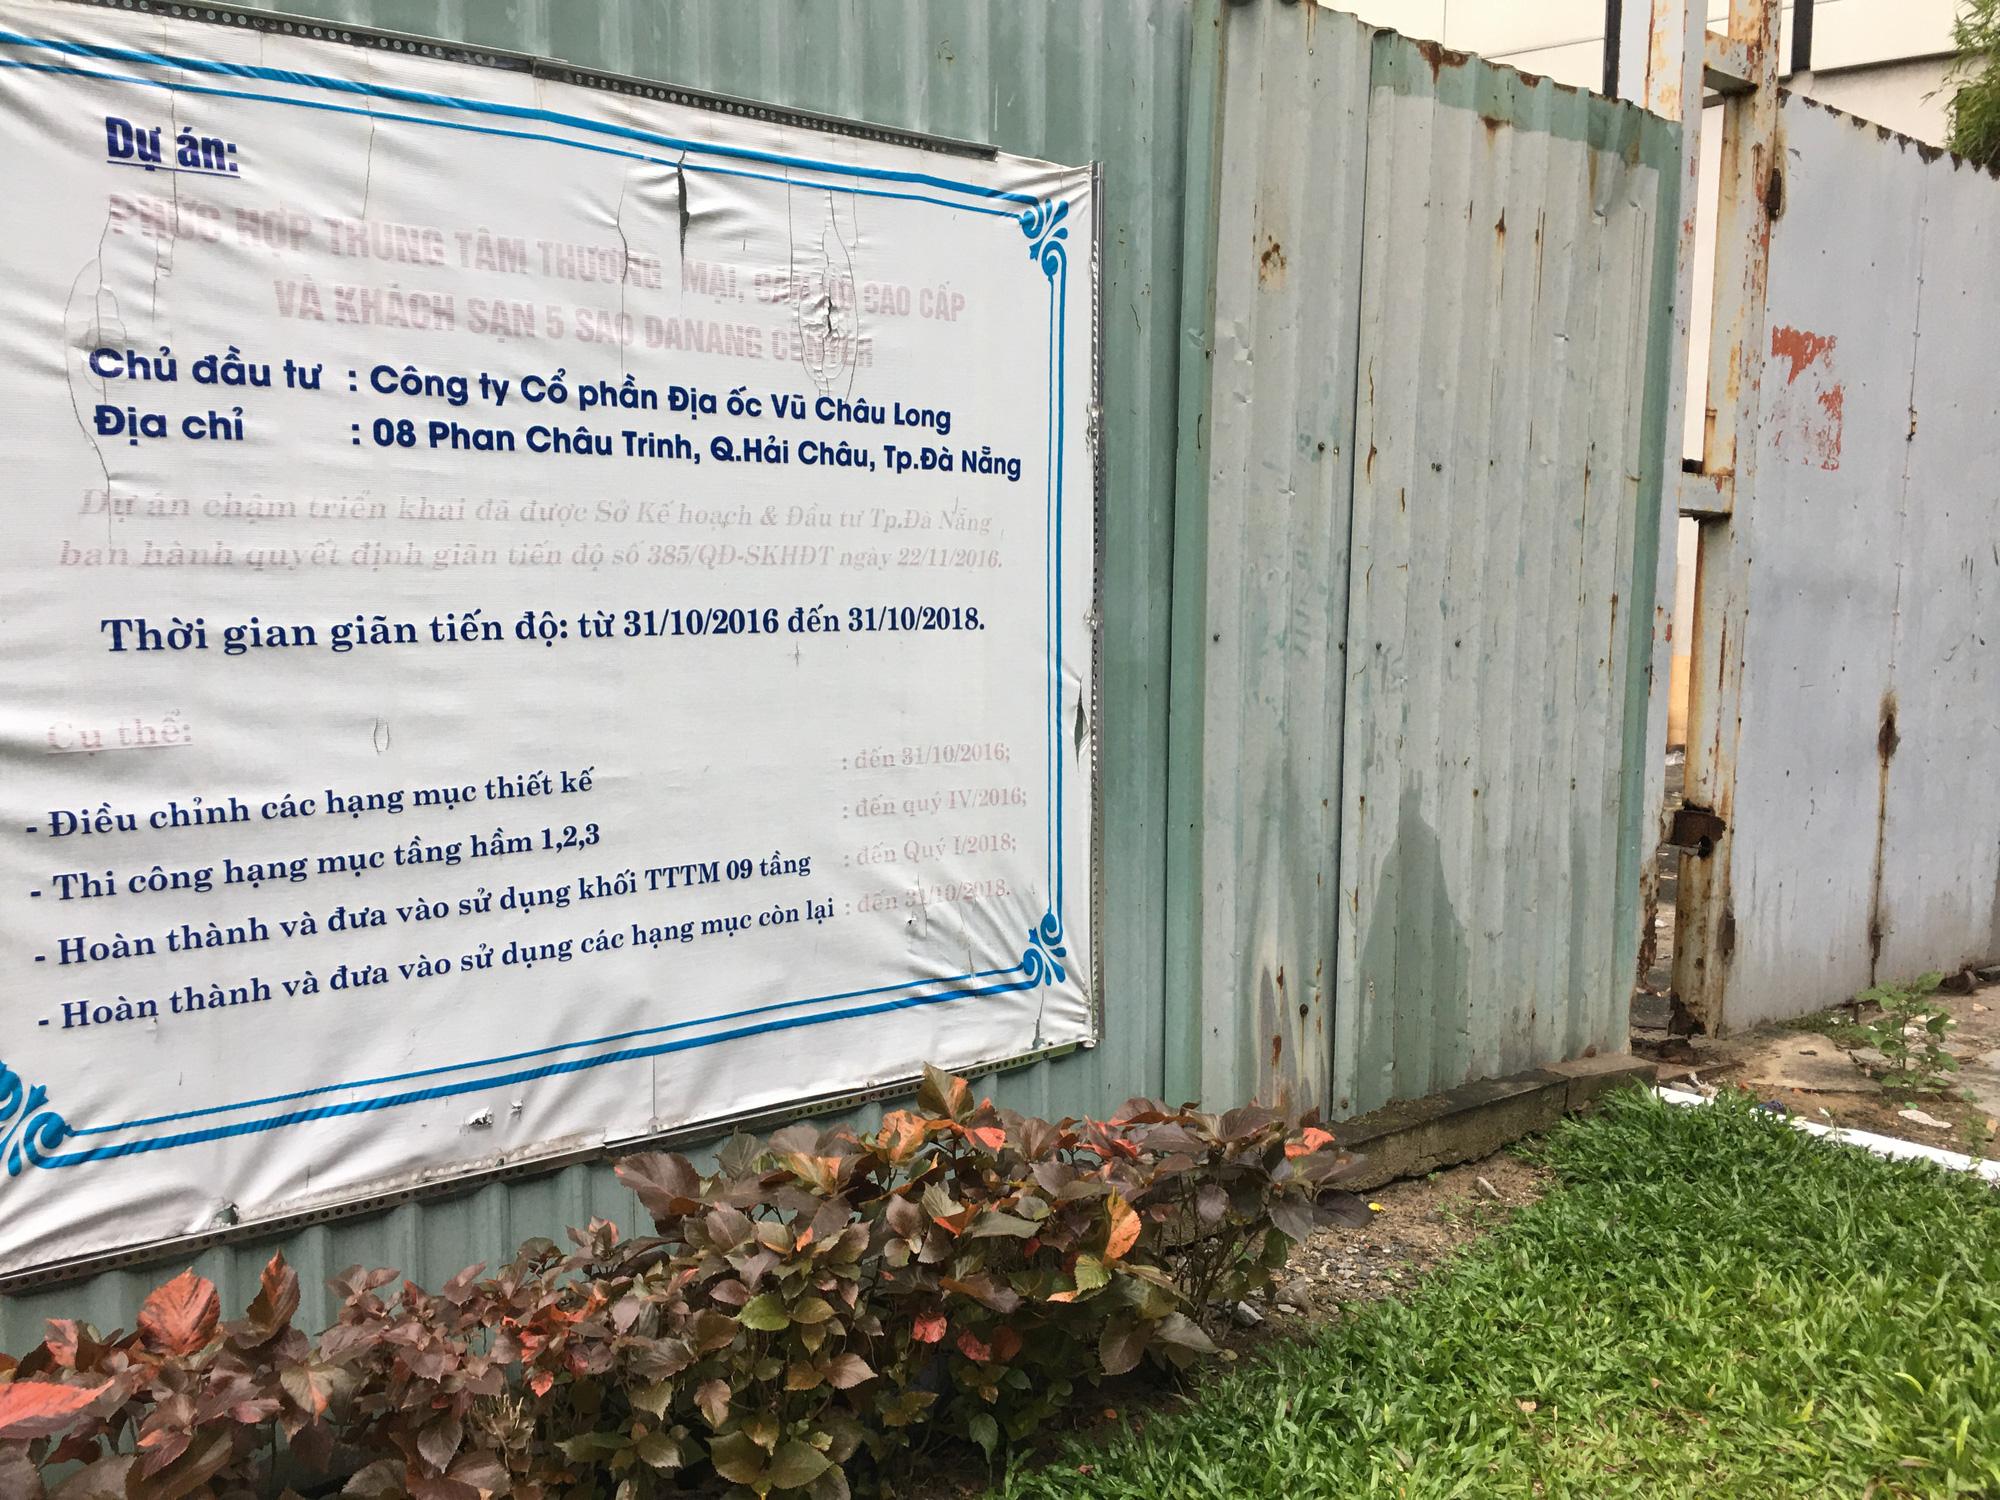 Hai khu đất làm vườn dạo, bãi đỗ xe ngầm trung tâm Đà Nẵng bao giờ 'khởi động'? - Ảnh 1.